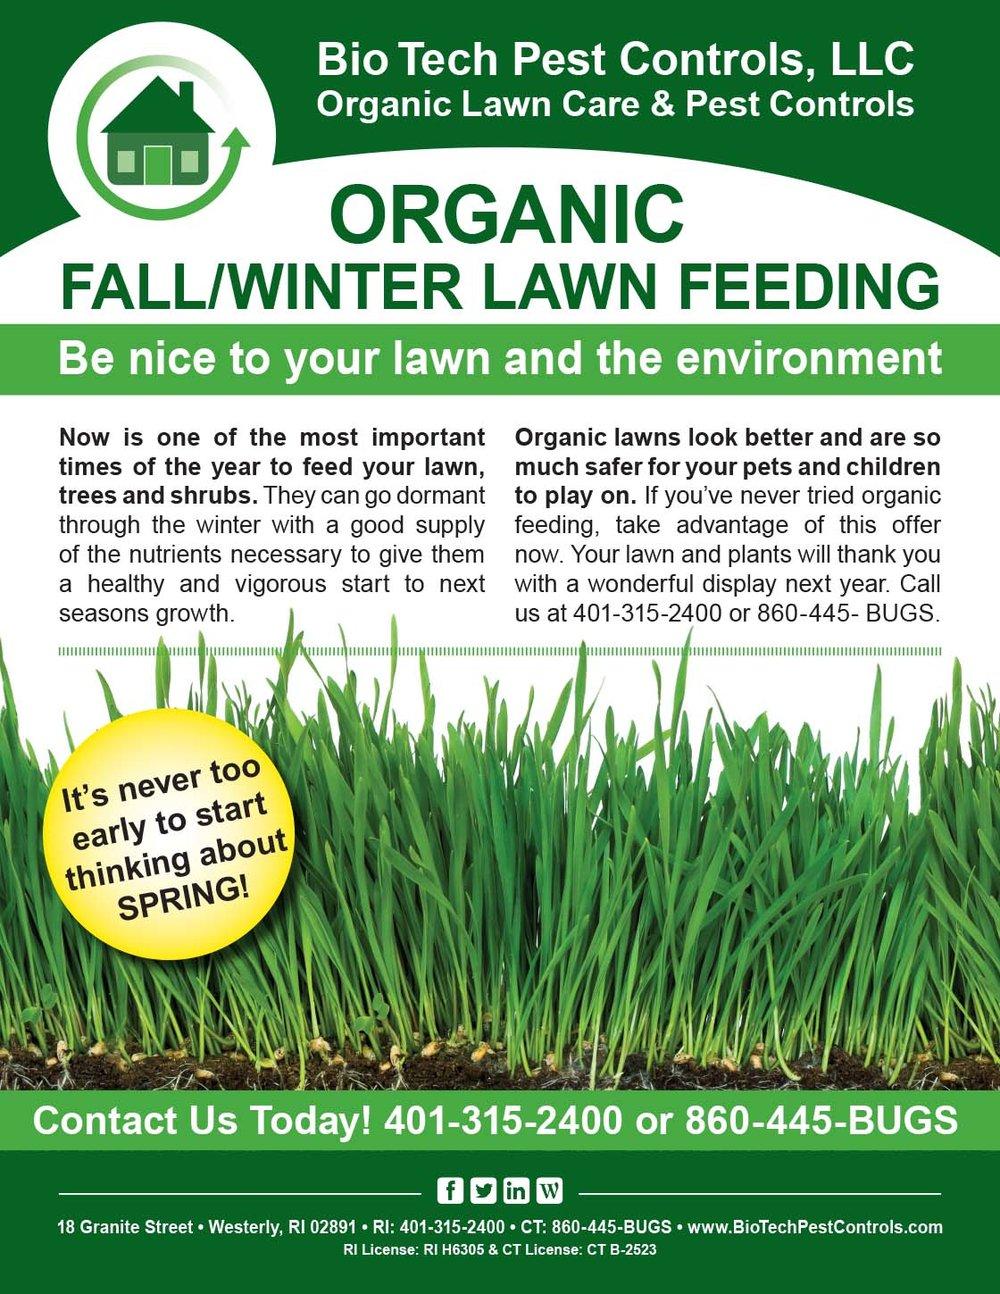 Lawn_Feeding_Flyer.jpg